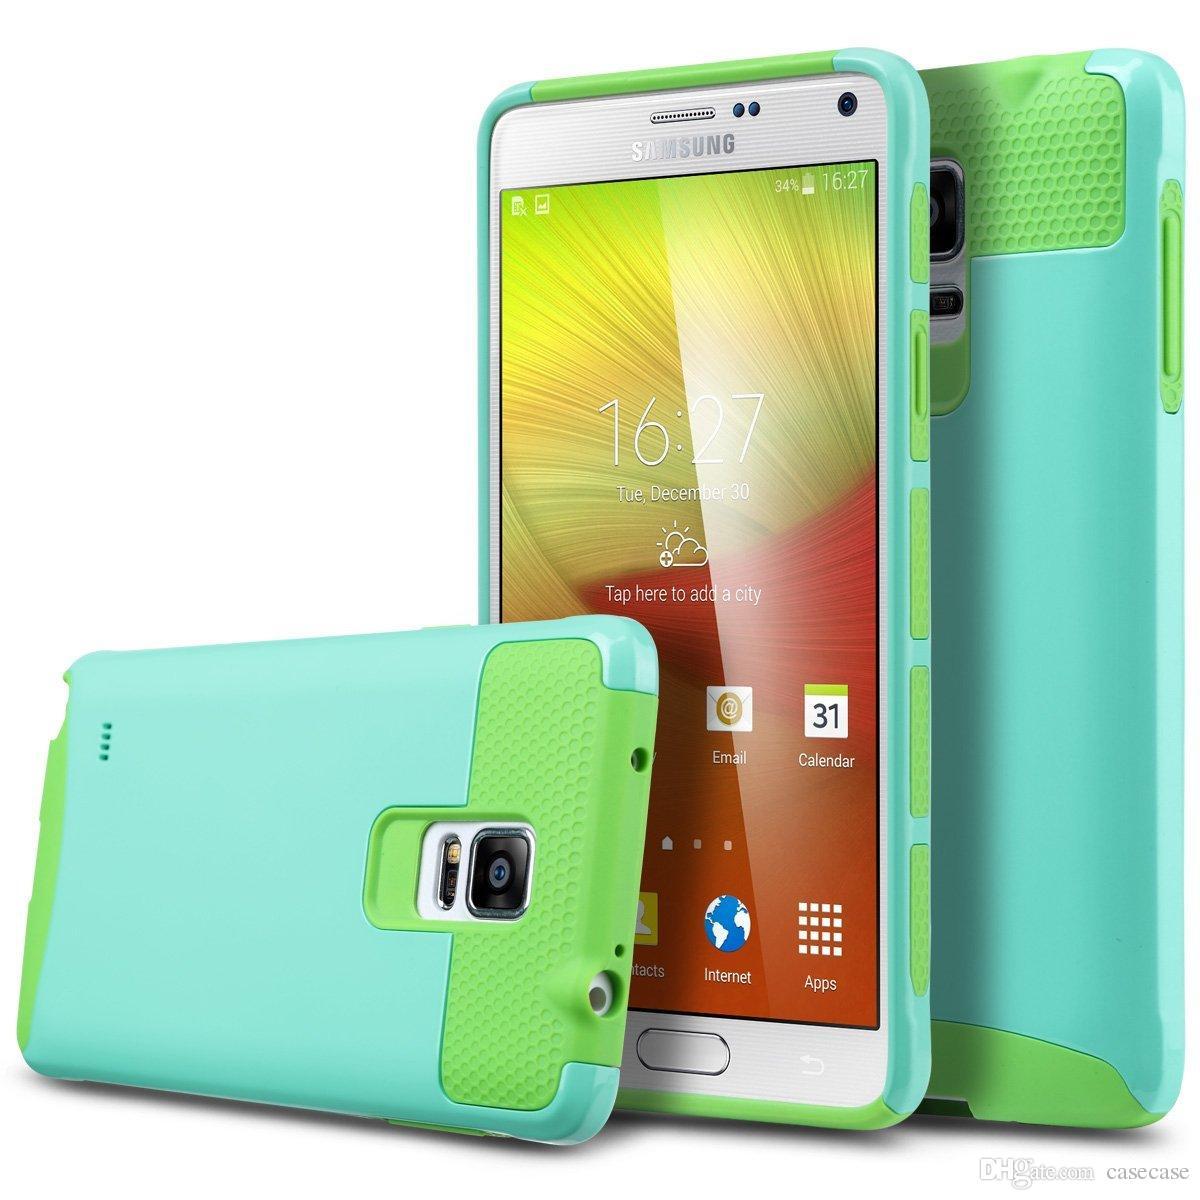 3c96d31488c Protectores De Celulares Personalizados Funda Para Samsung Galaxy Note 4  N9100 Cubierta De Doble Capa Híbrida Slim Armor Defender Cover Skin Para  Galaxy ...